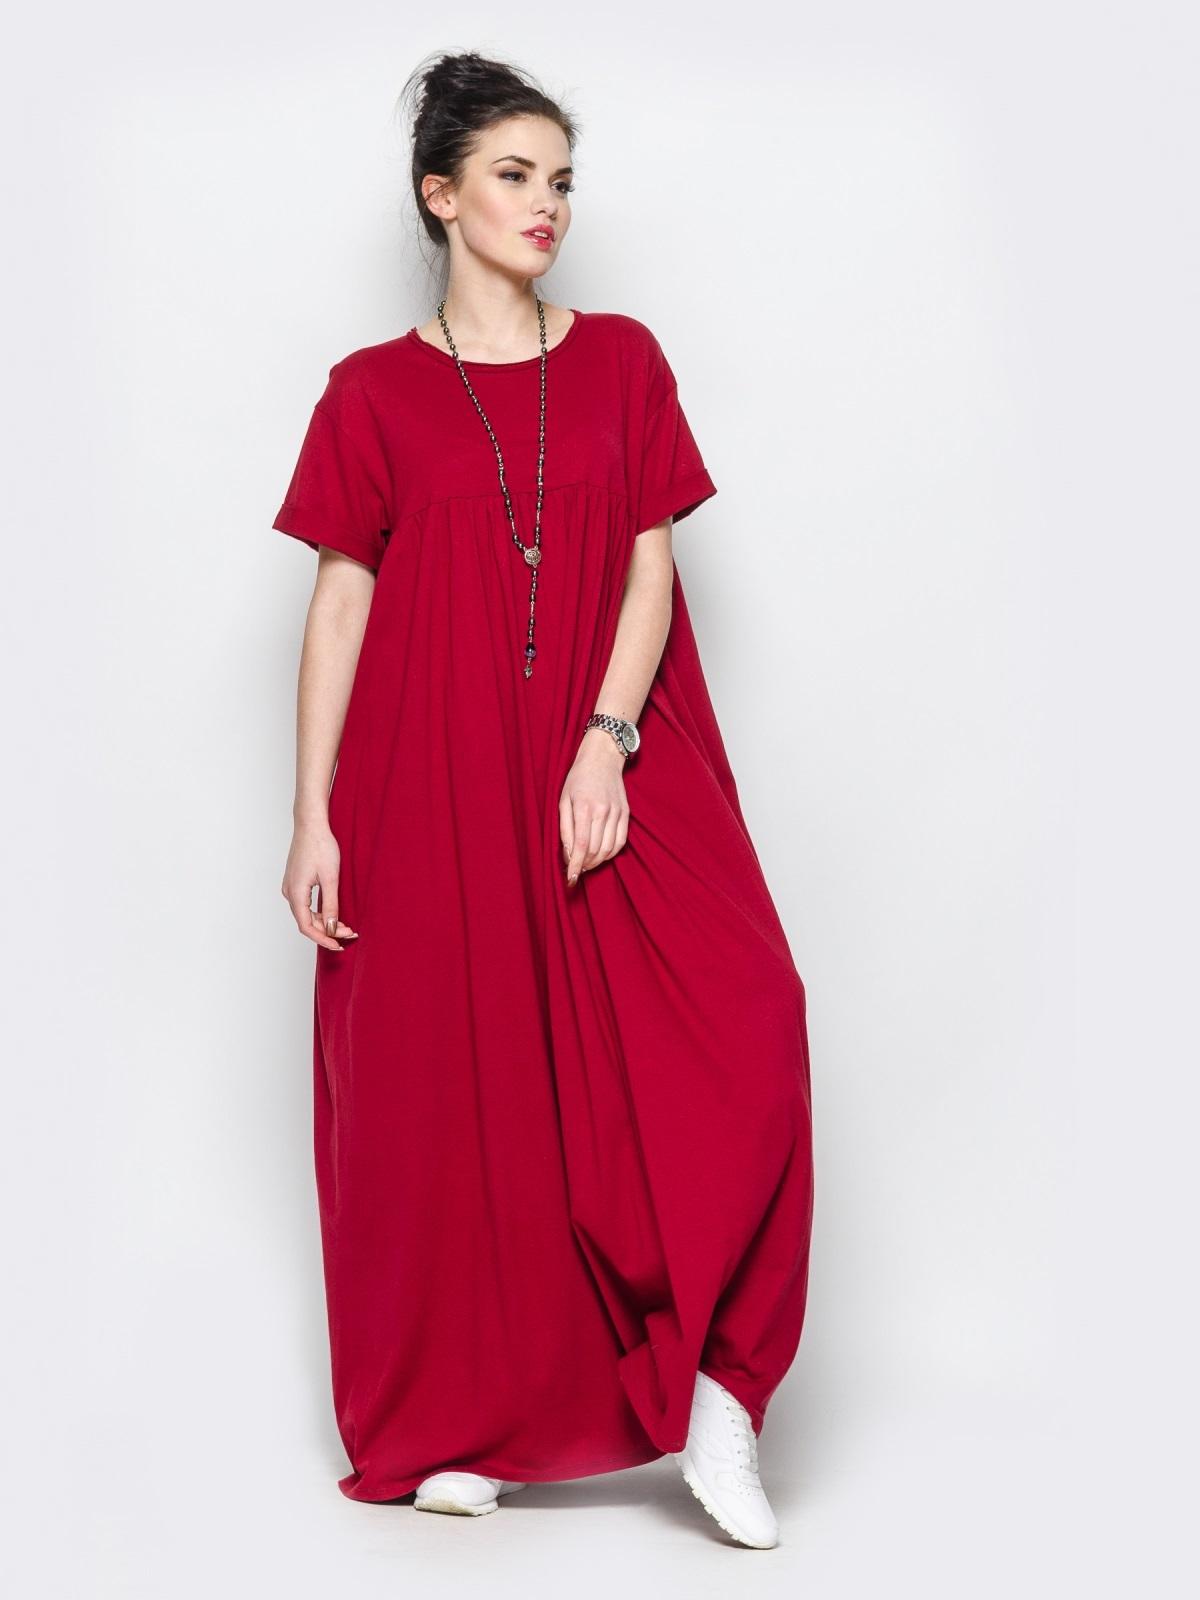 длинное платье свободного кроя фото